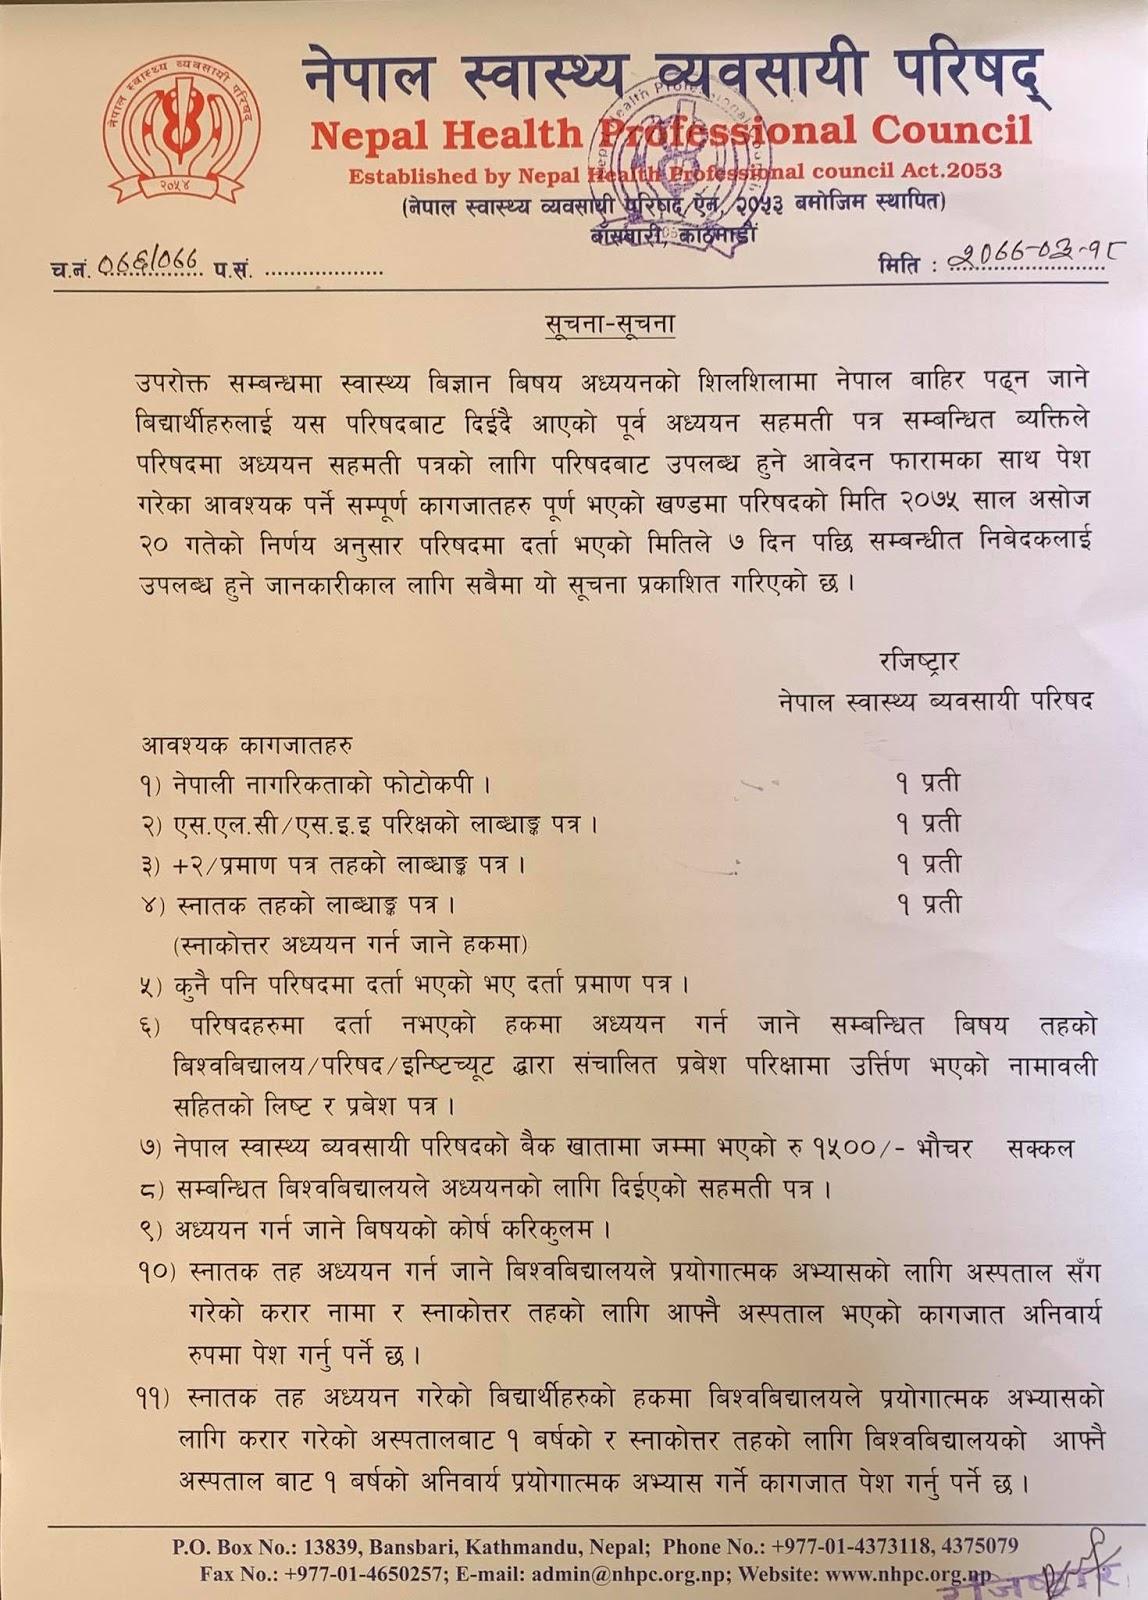 NHPC Notice